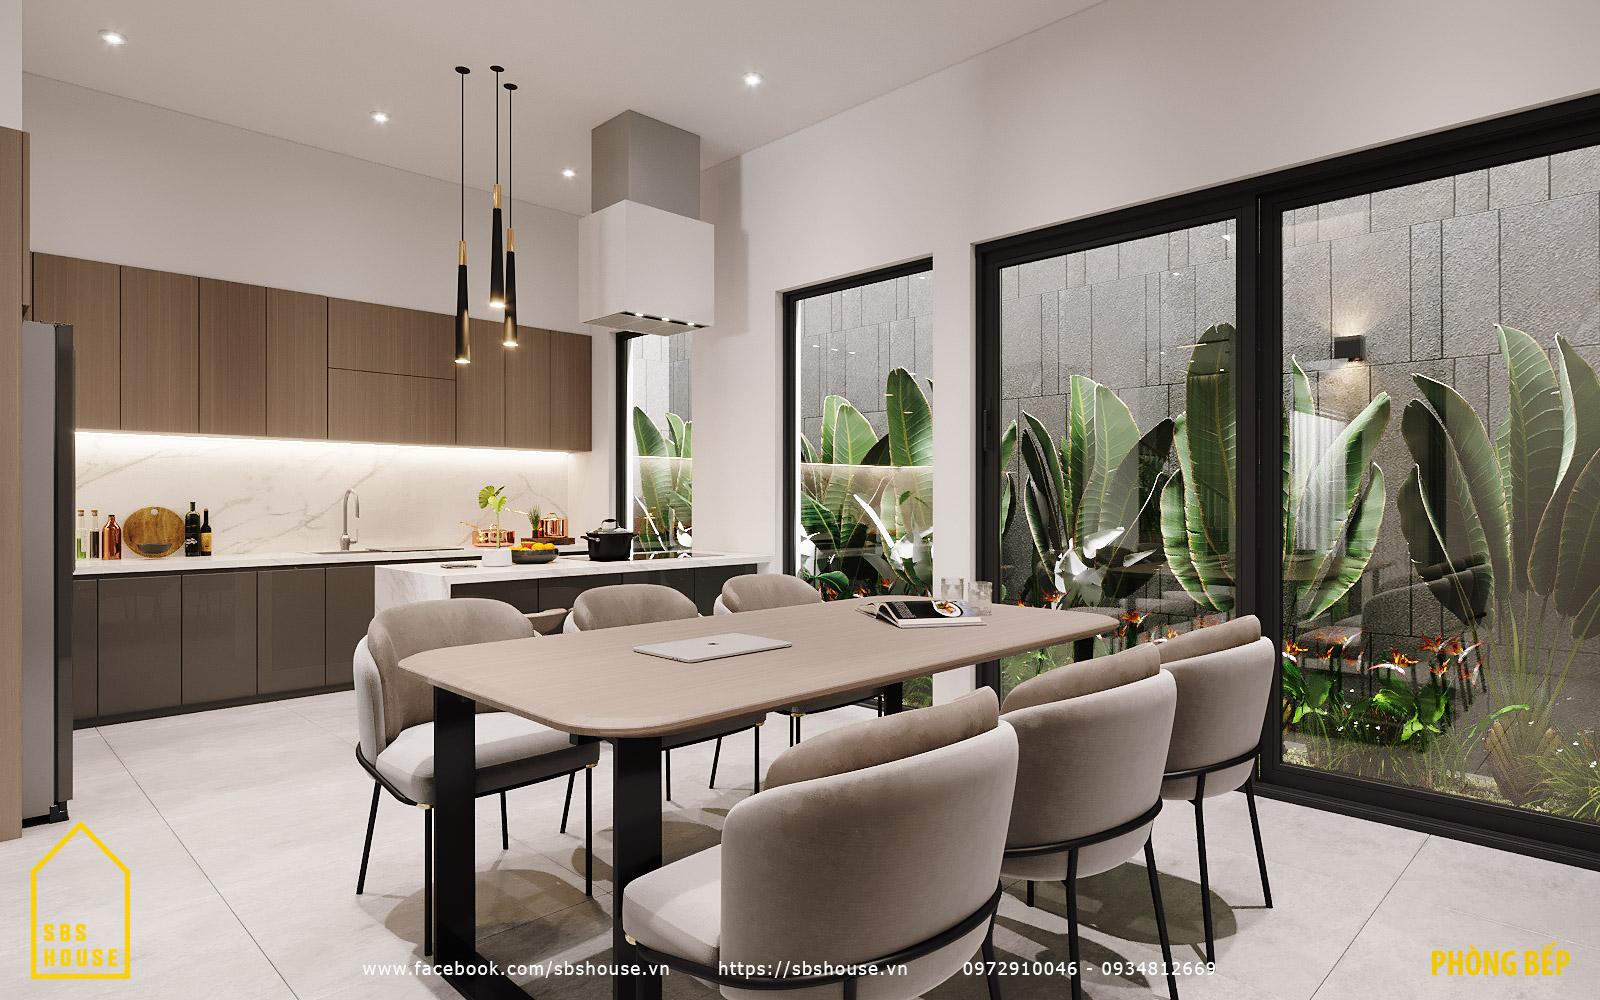 Phòng bếp ăn không gian mở thoáng mát